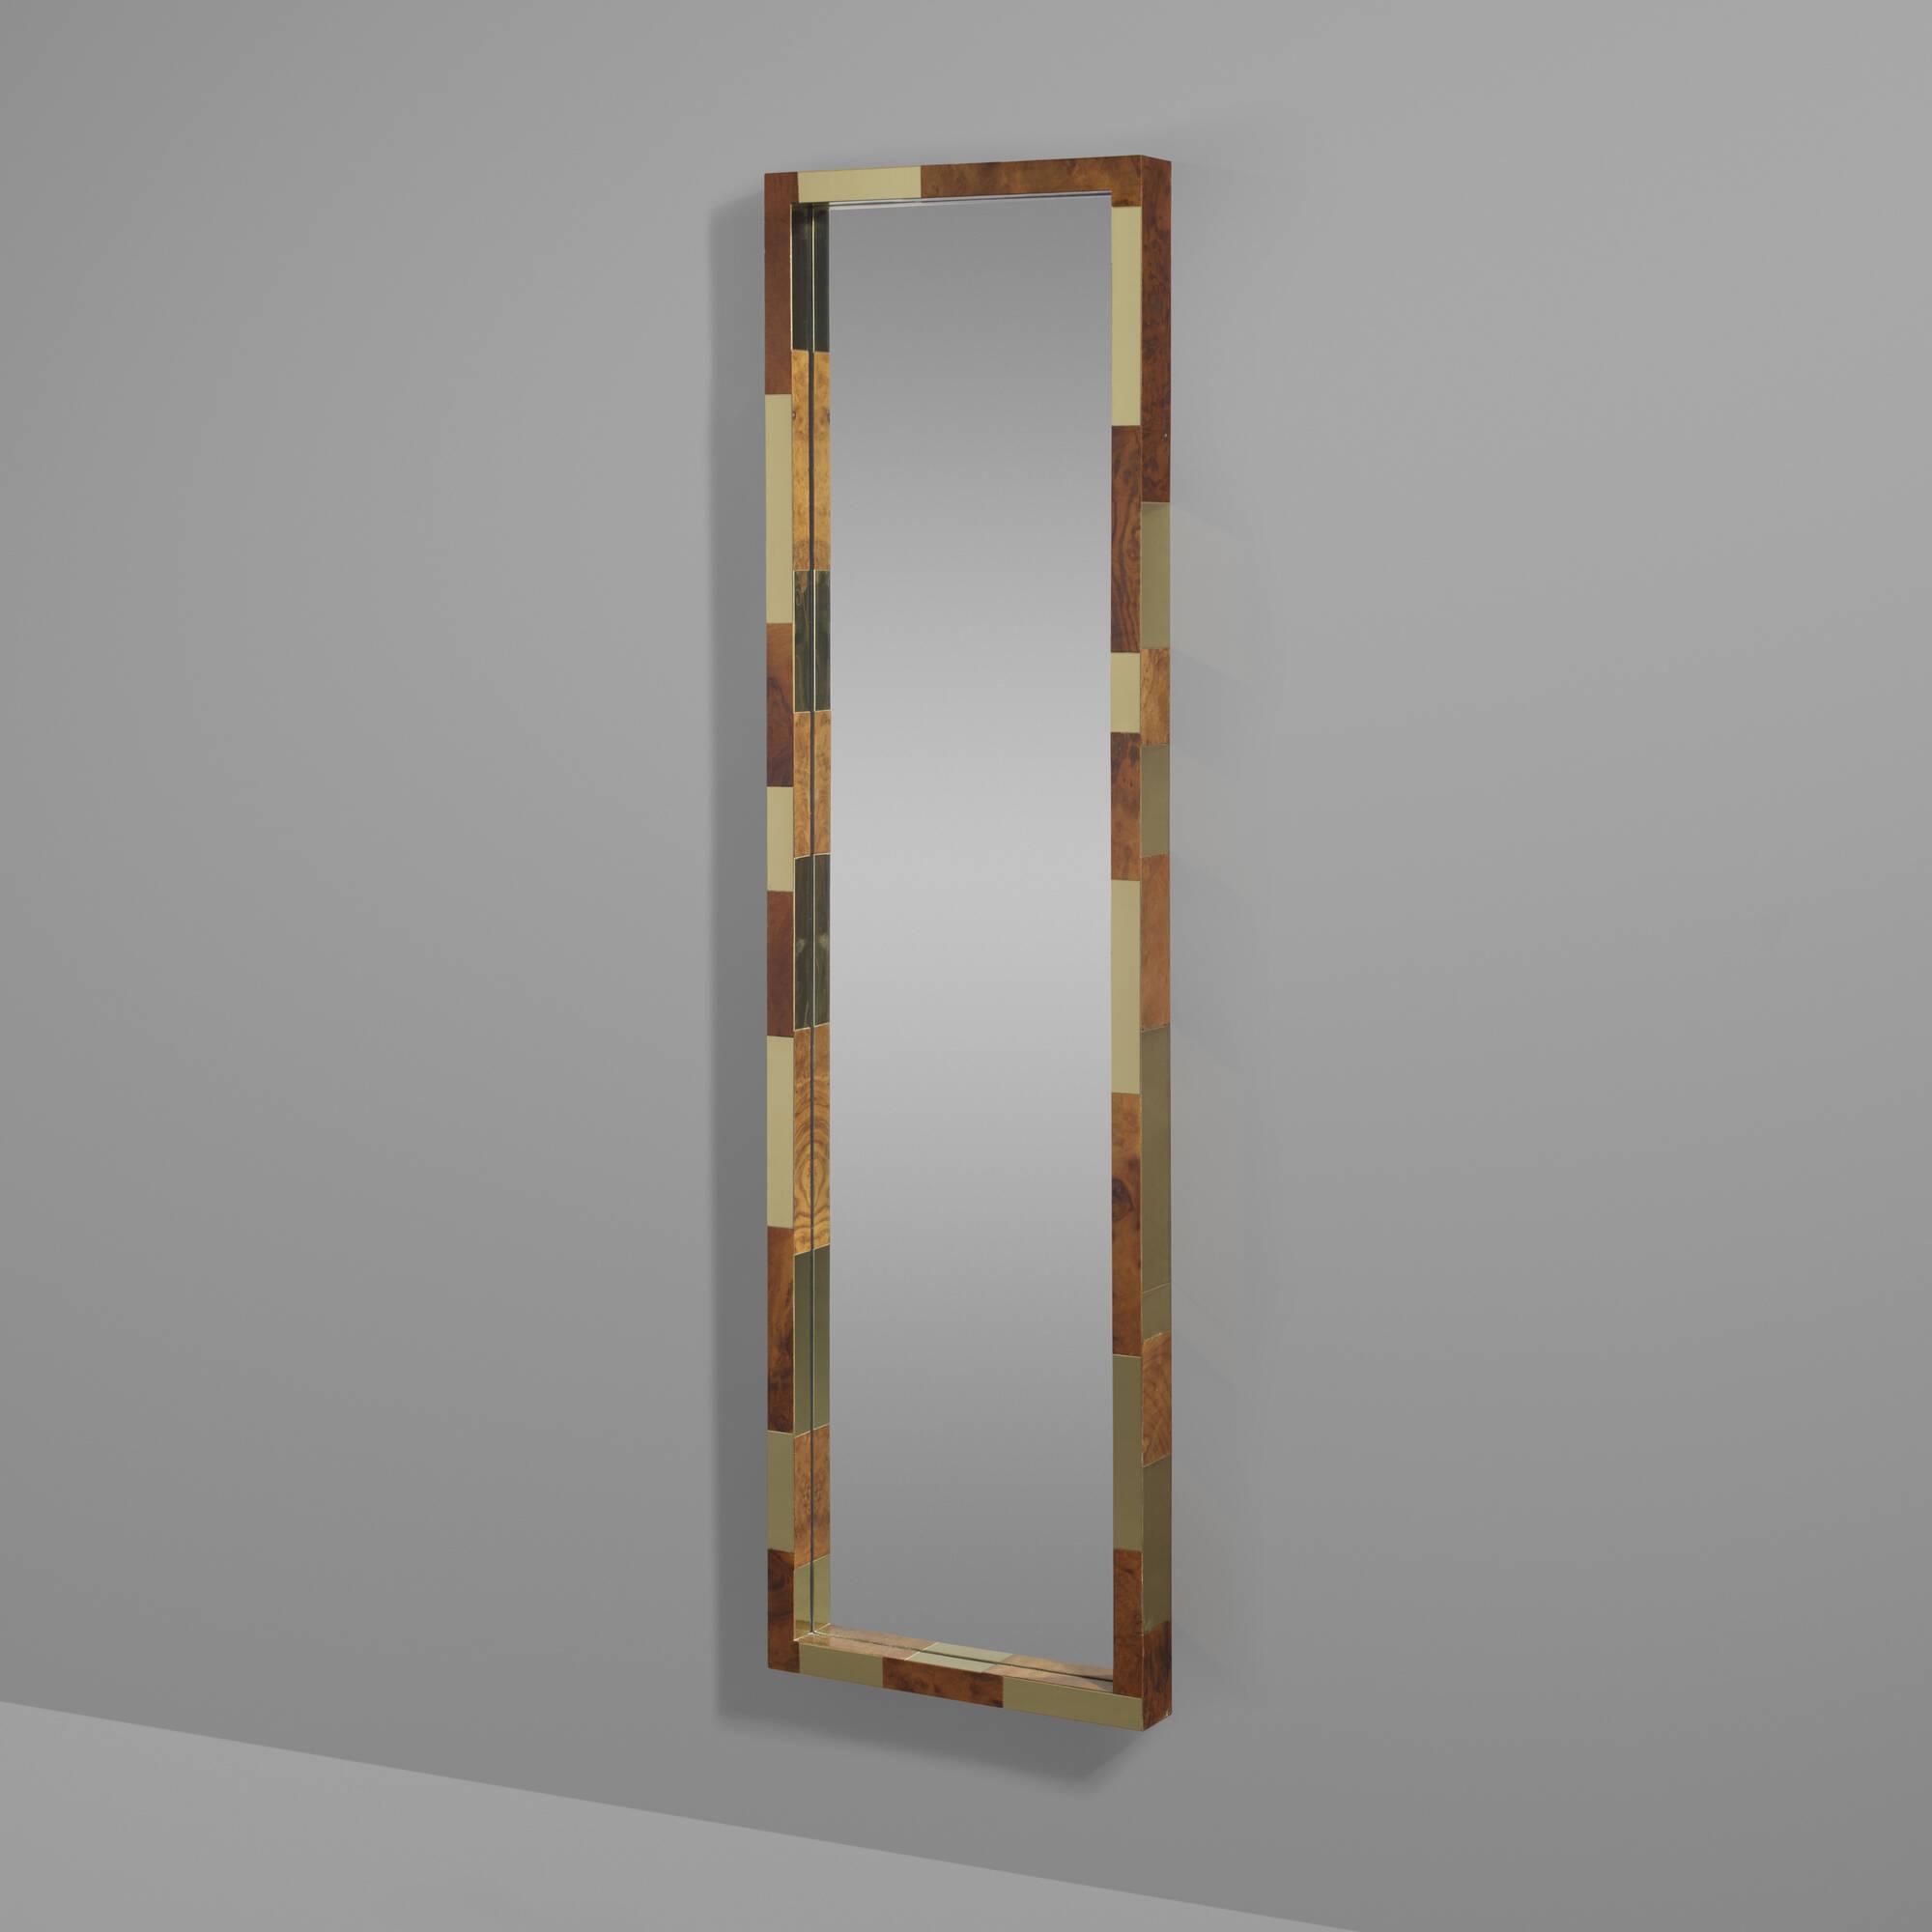 100 bar shelves with mirrors 108 framed bathroom. Black Bedroom Furniture Sets. Home Design Ideas